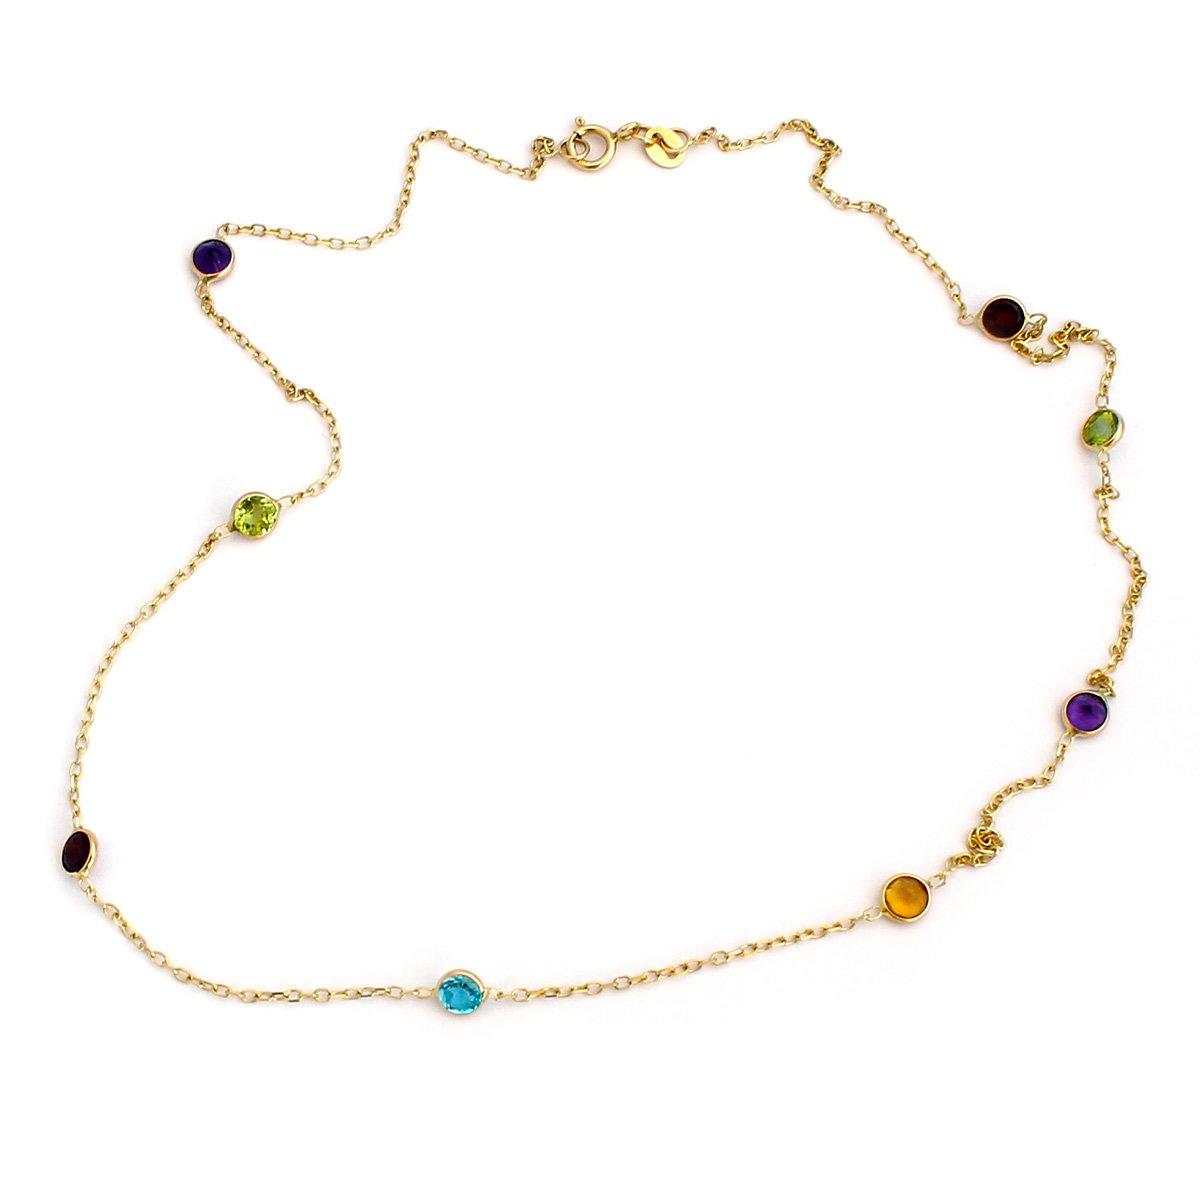 14k Yellow Gold Bezel Set Natural Gemstones Station Necklace, 18''